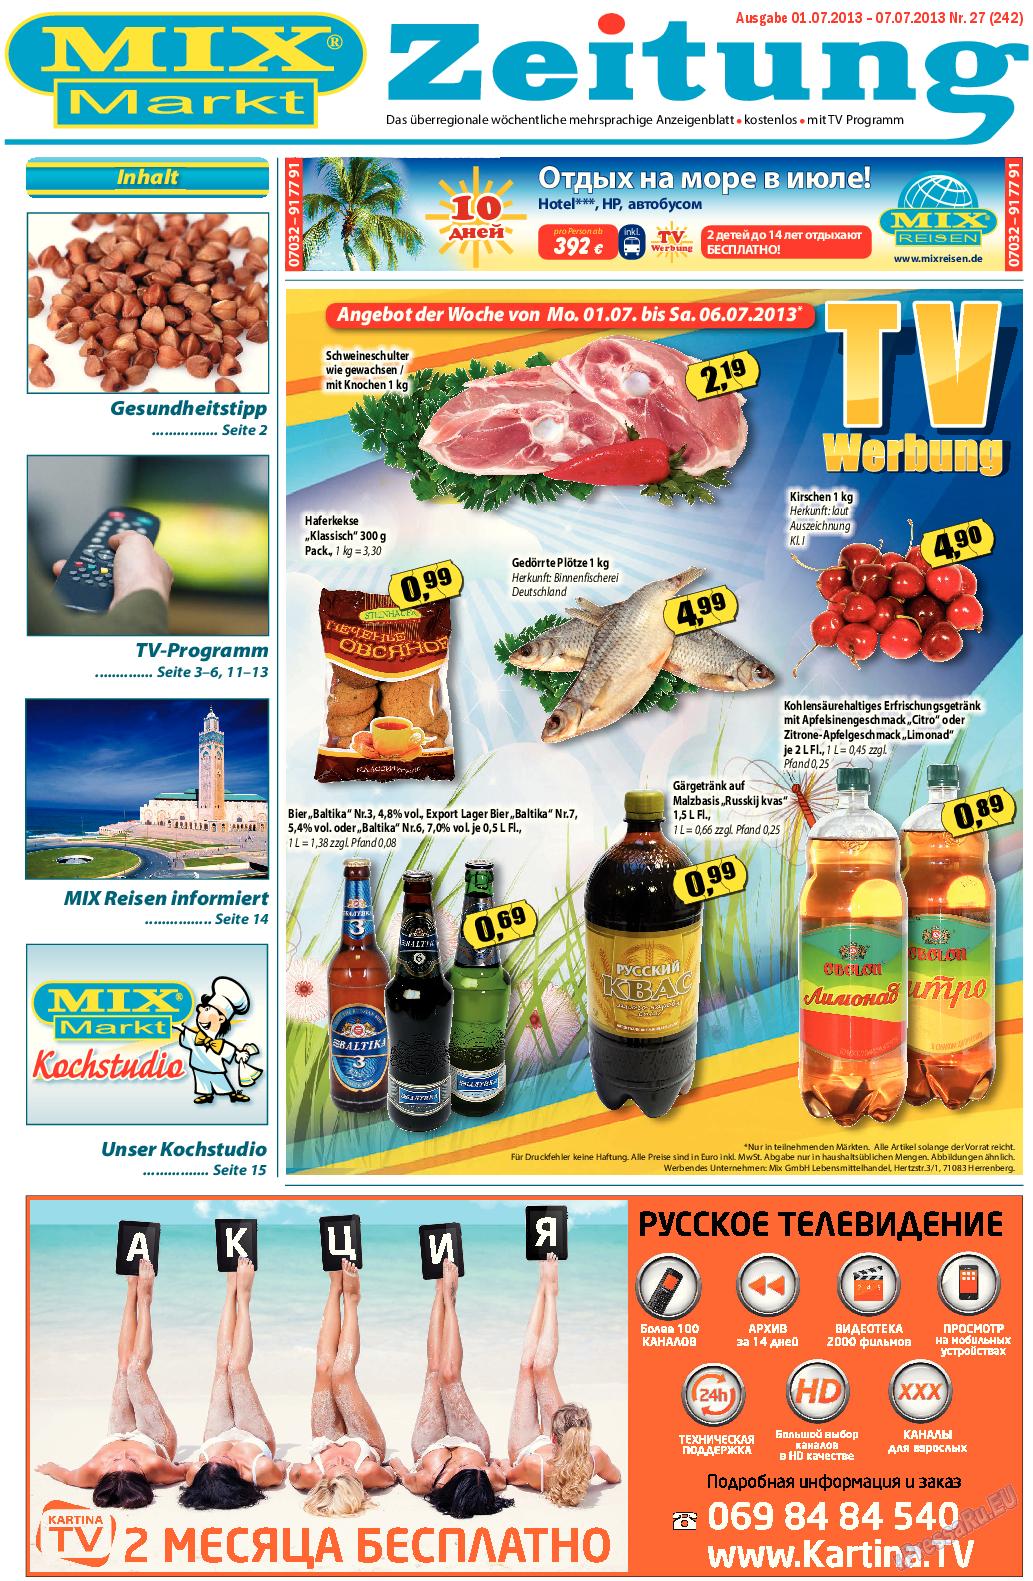 MIX-Markt Zeitung (газета). 2013 год, номер 27, стр. 1